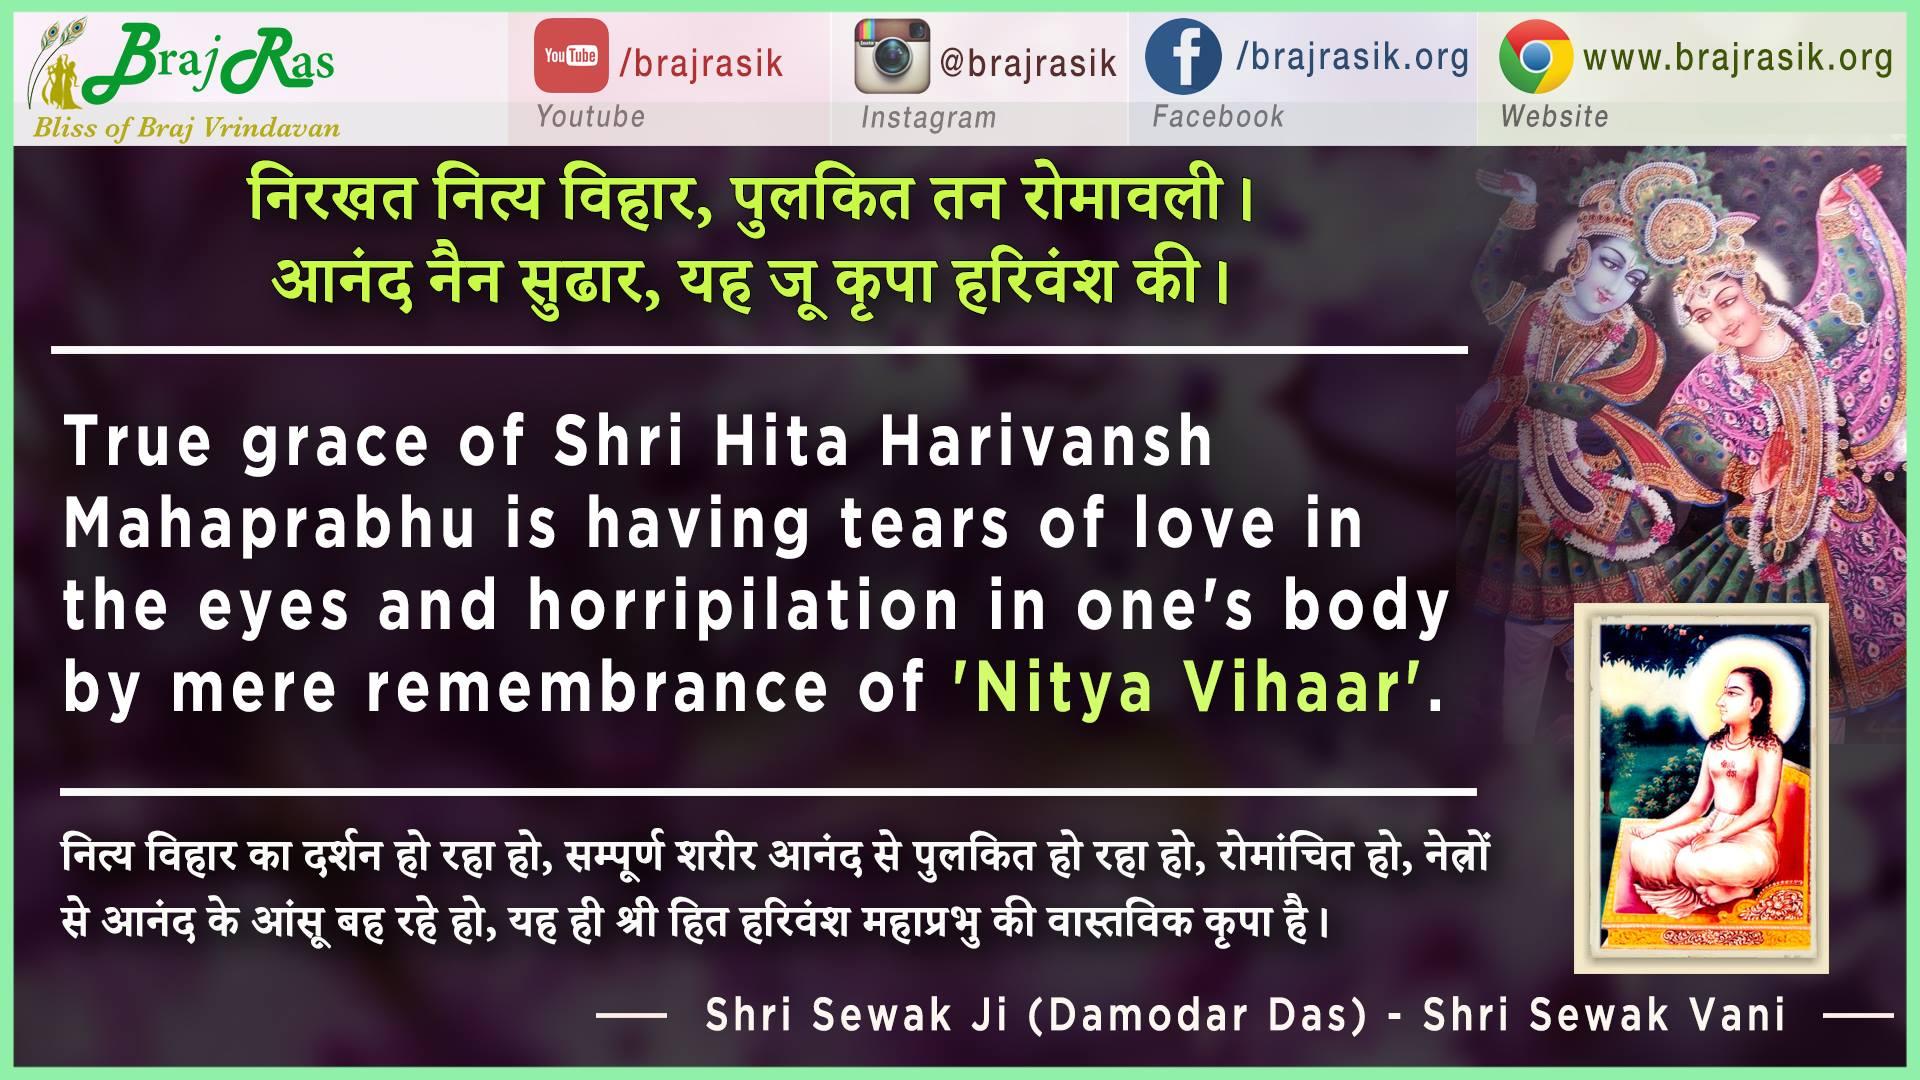 Nirkhat Nitya Vihar, Pulkit Tan Romavali - Shri Sewak Ji (Damodar Das) - Shri Sewak Vani